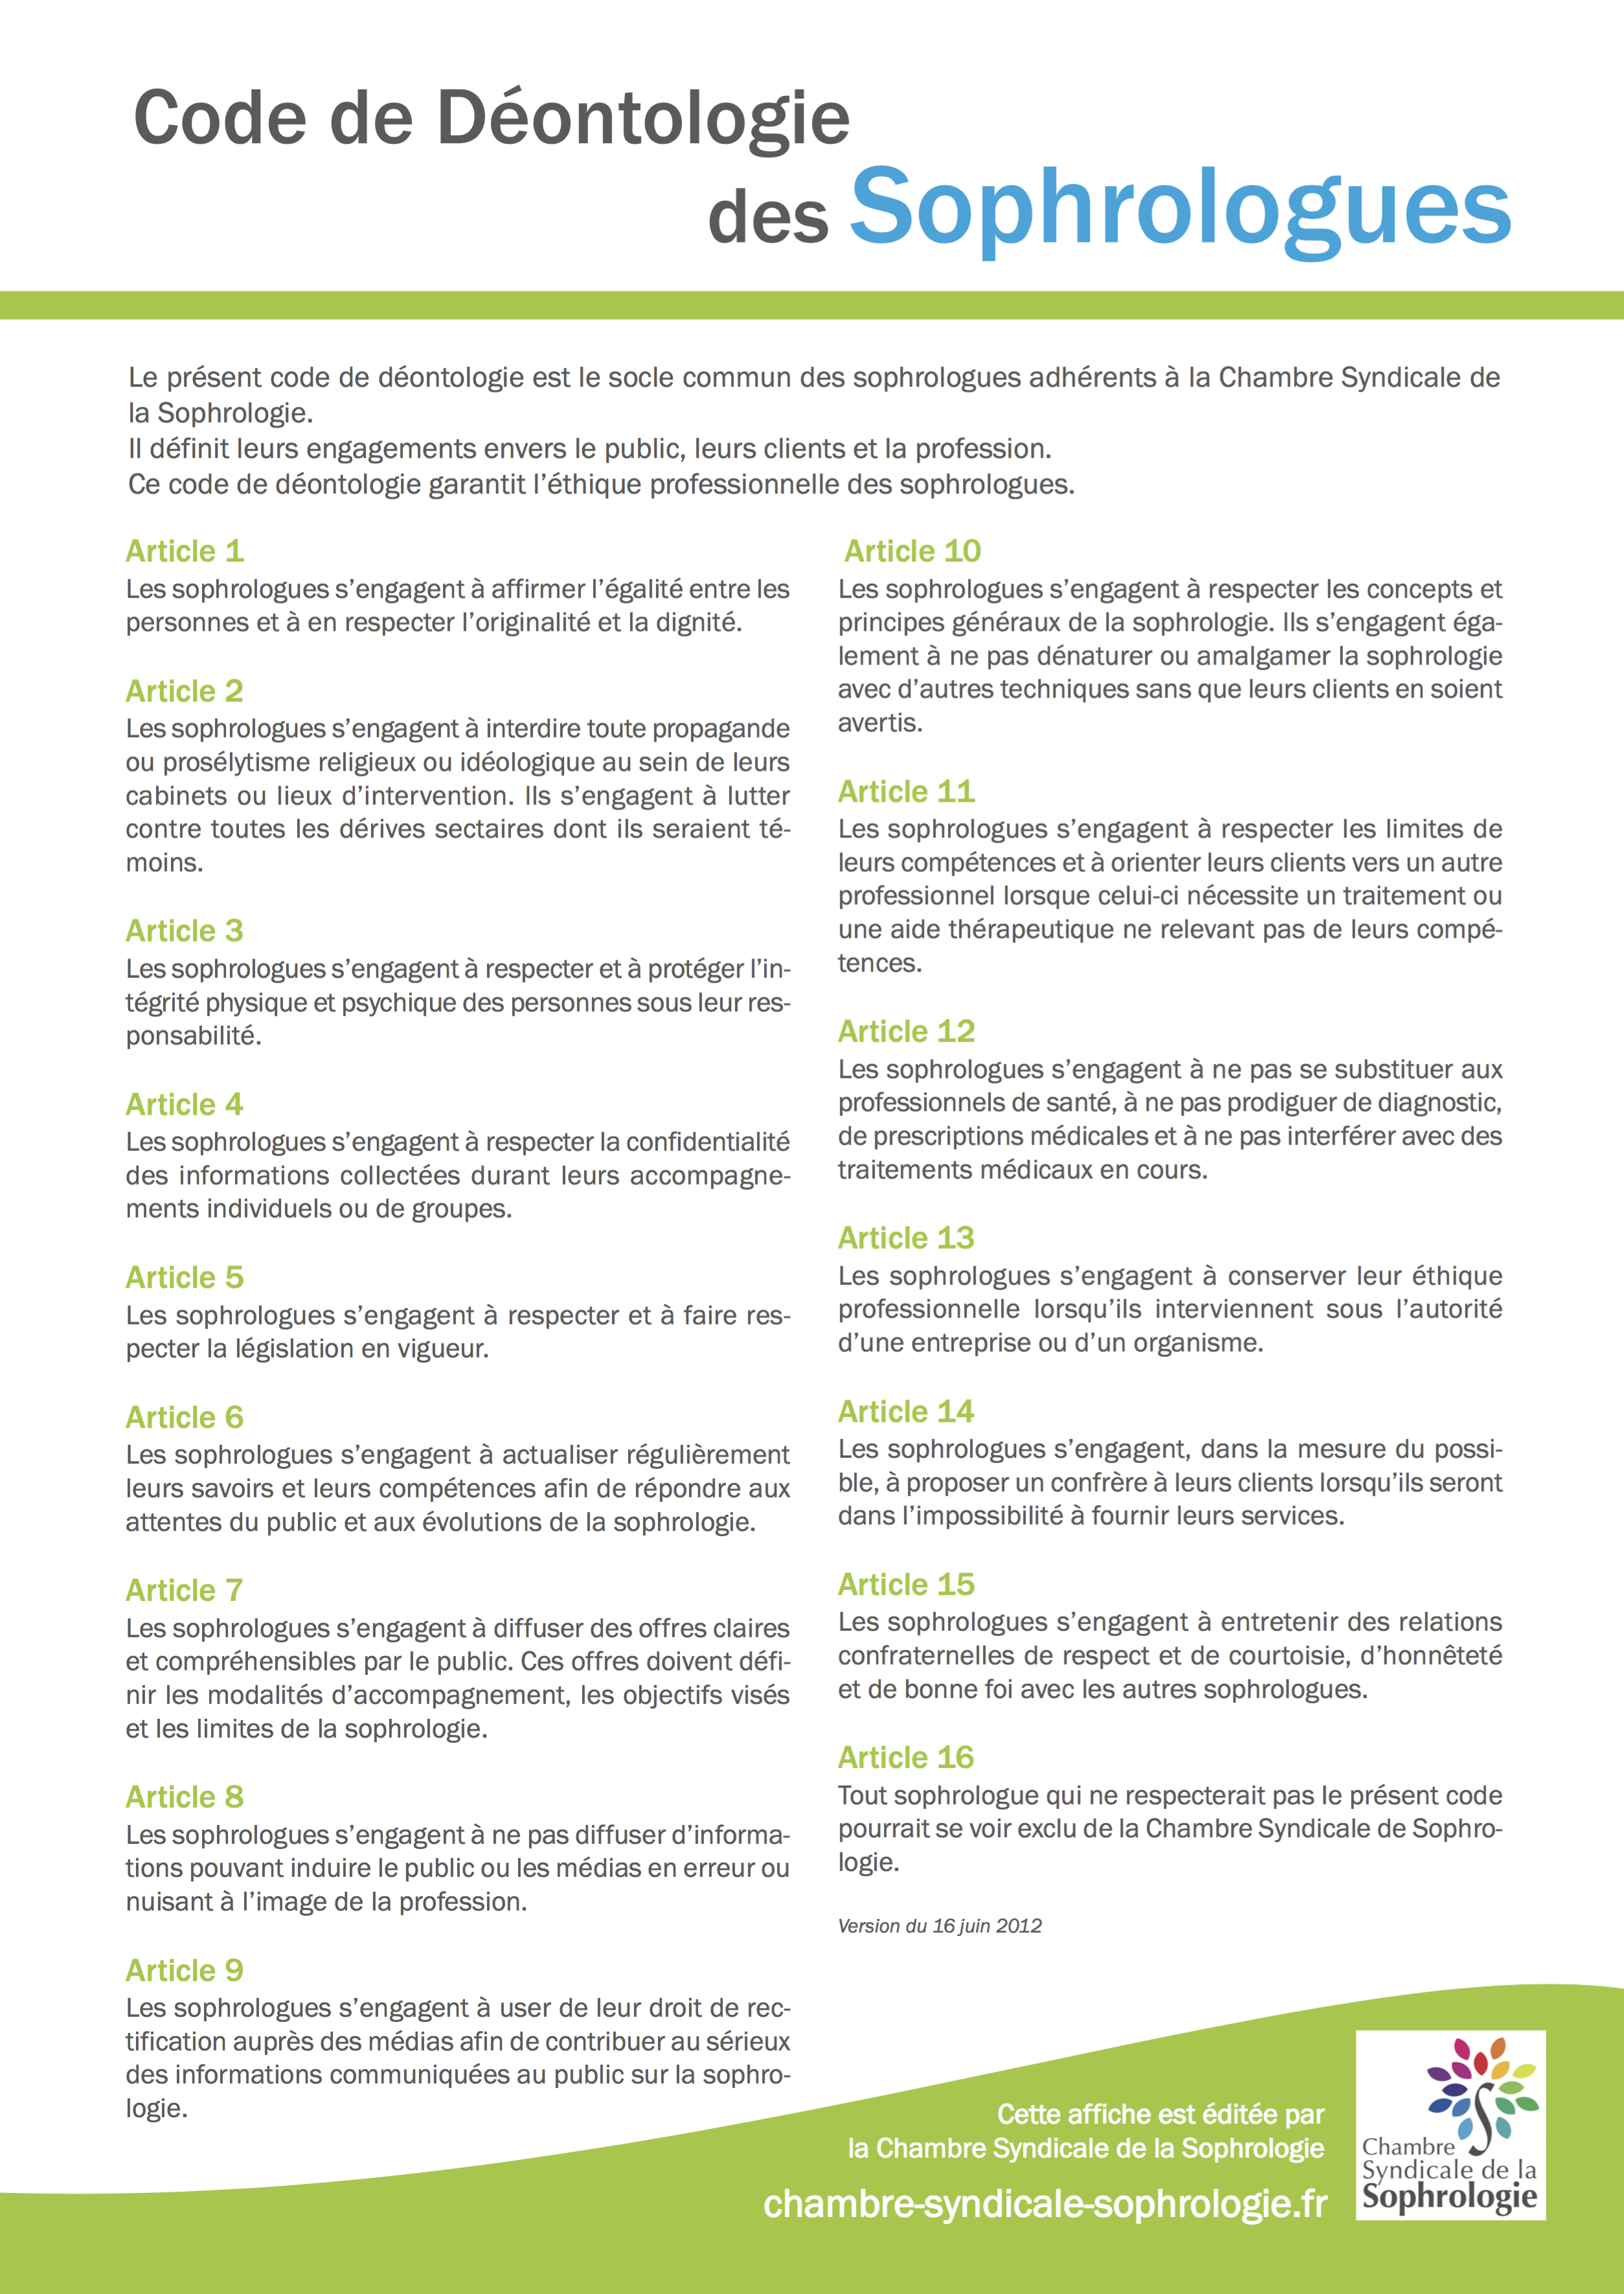 Deontologie-des-sophrologues-A4